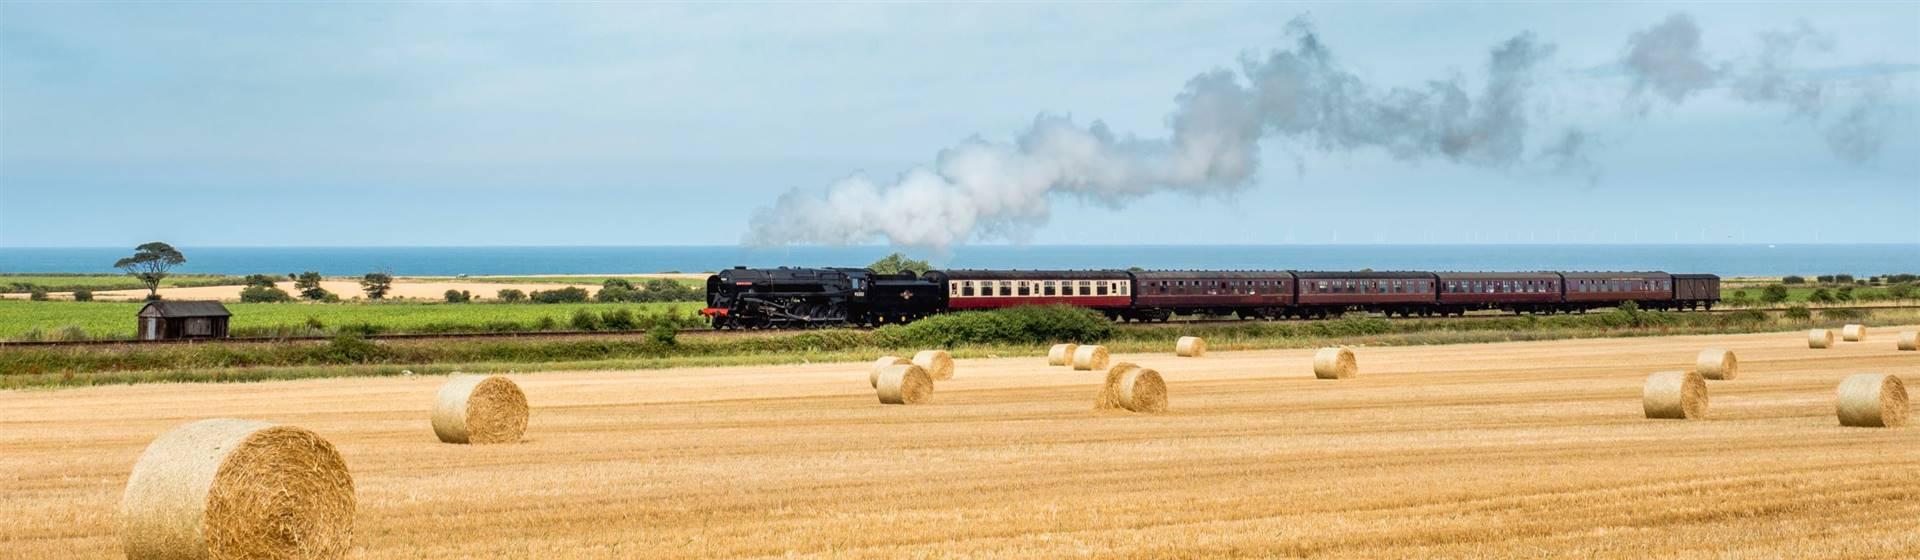 """<img src=""""teamtrainonthepoppyline-shutterstocklr.jpeg"""" alt=""""Steam train on the Poppy line""""/>"""